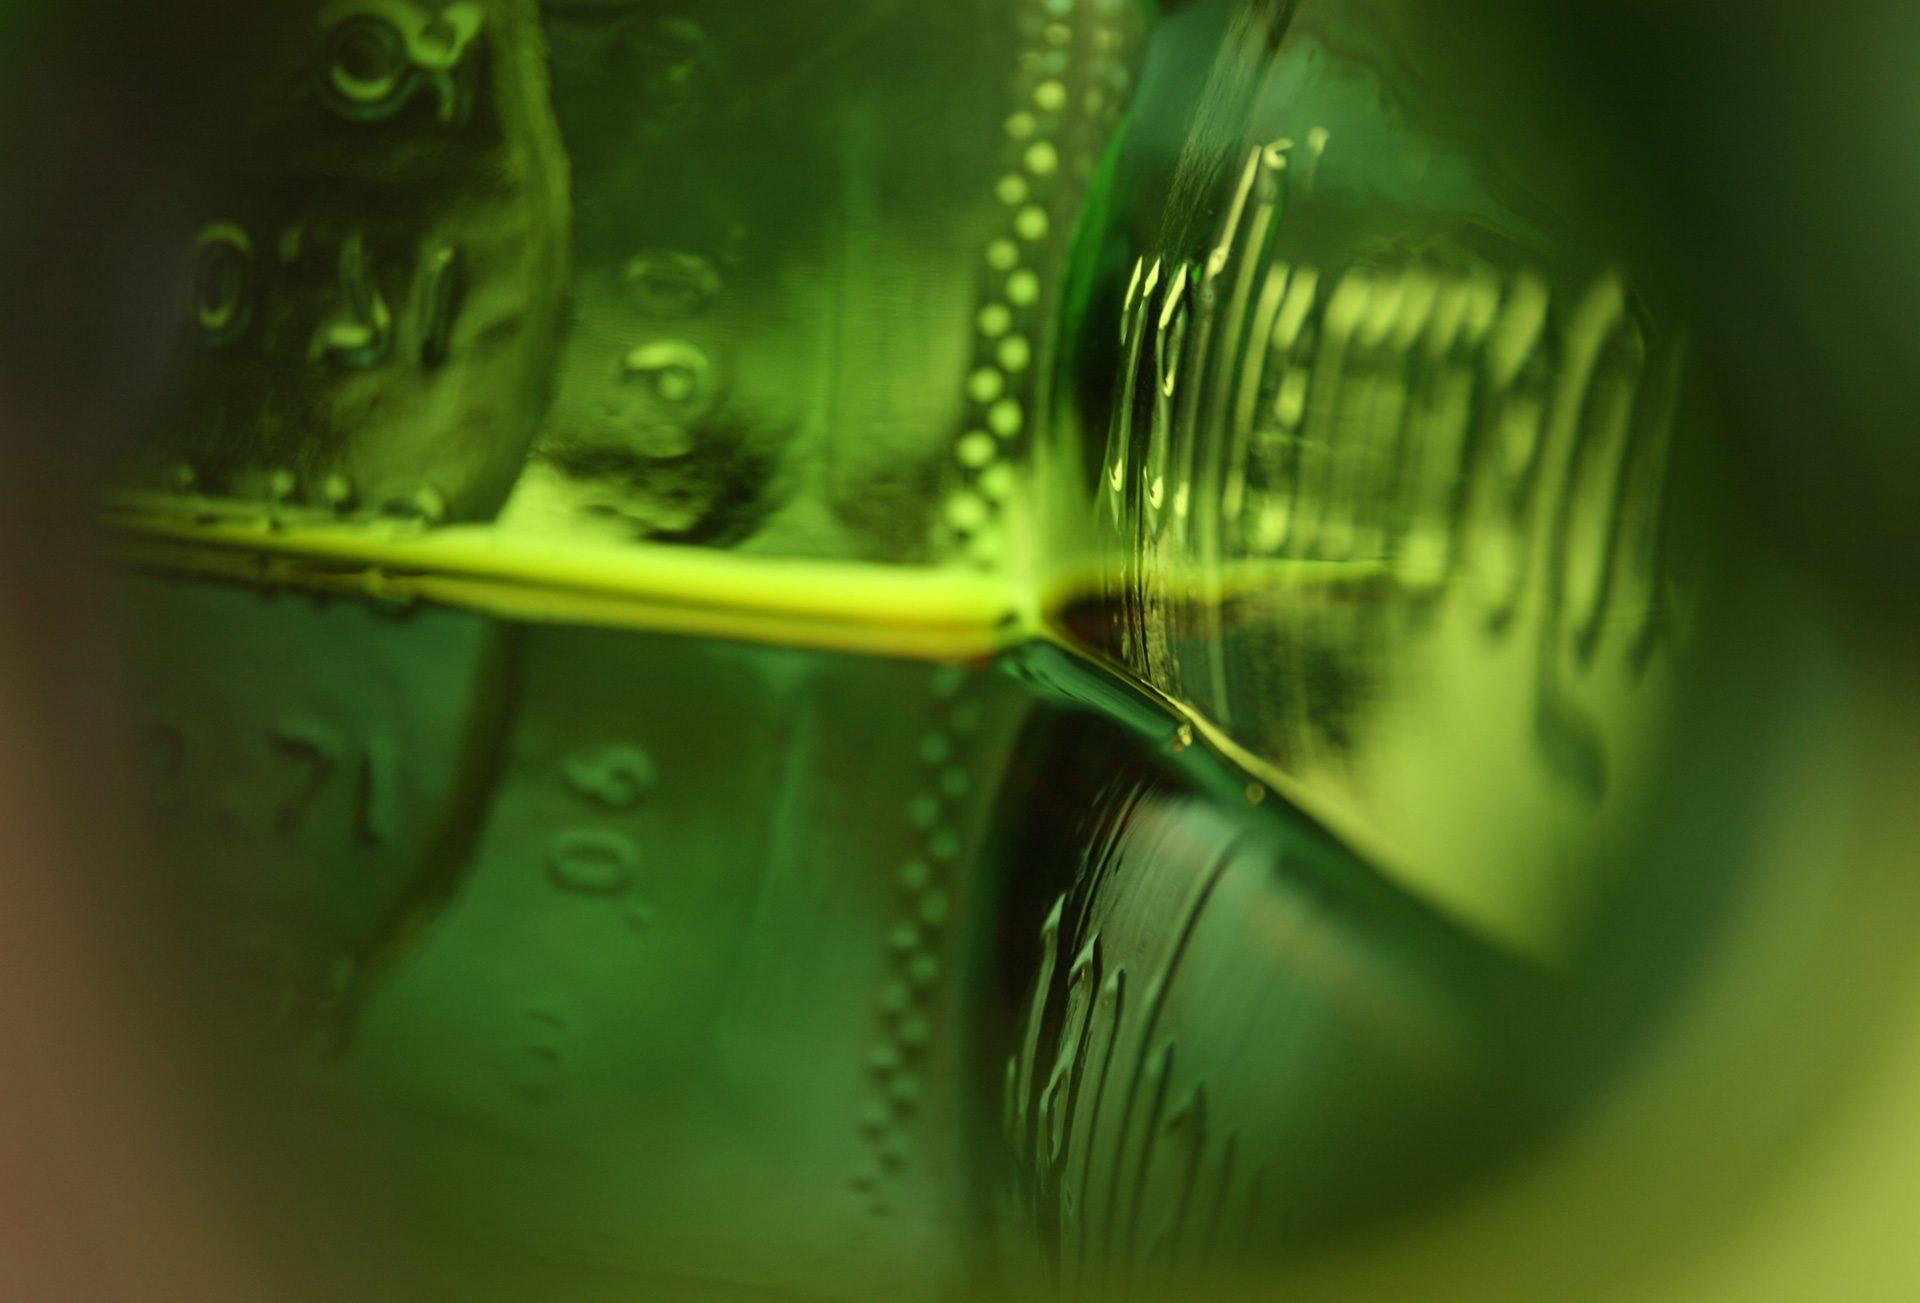 Aufnahmen einer Jägermeister-Flasche im neuen Brand Design entwickelt von Realgestalt